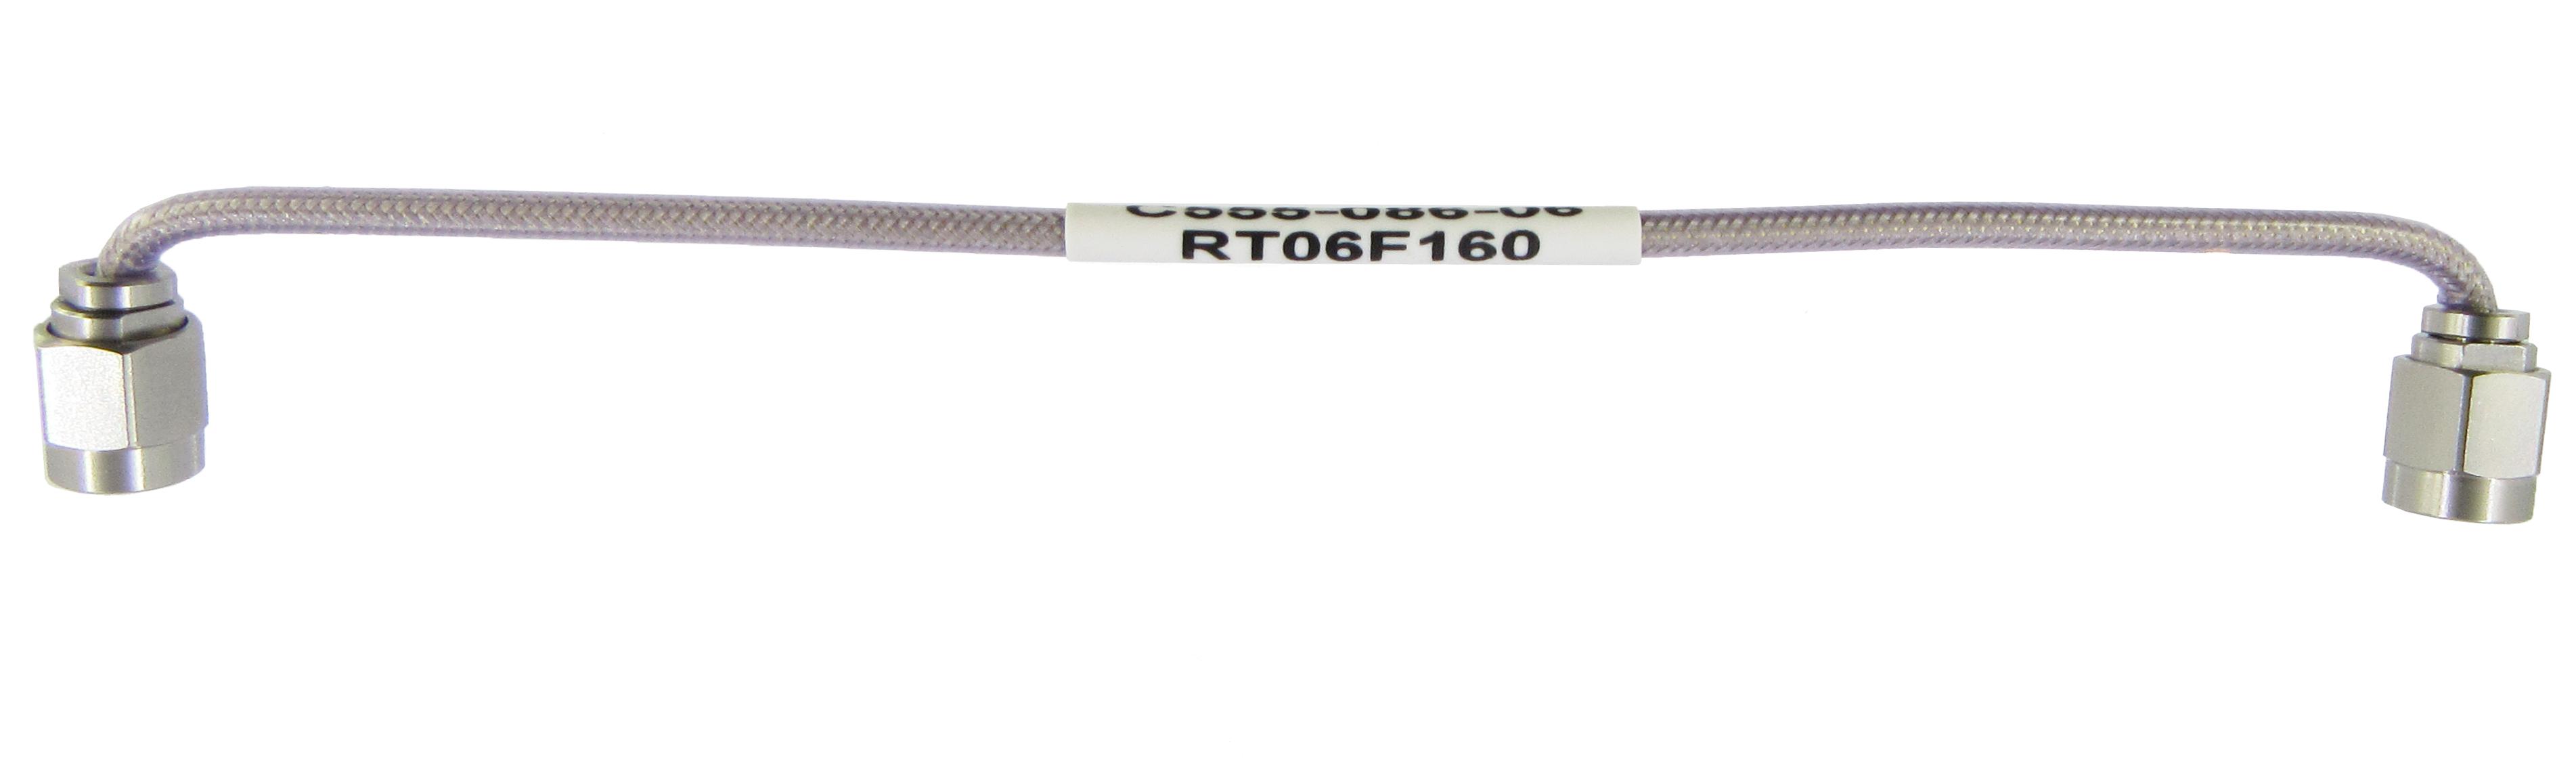 c555-086-xx.png